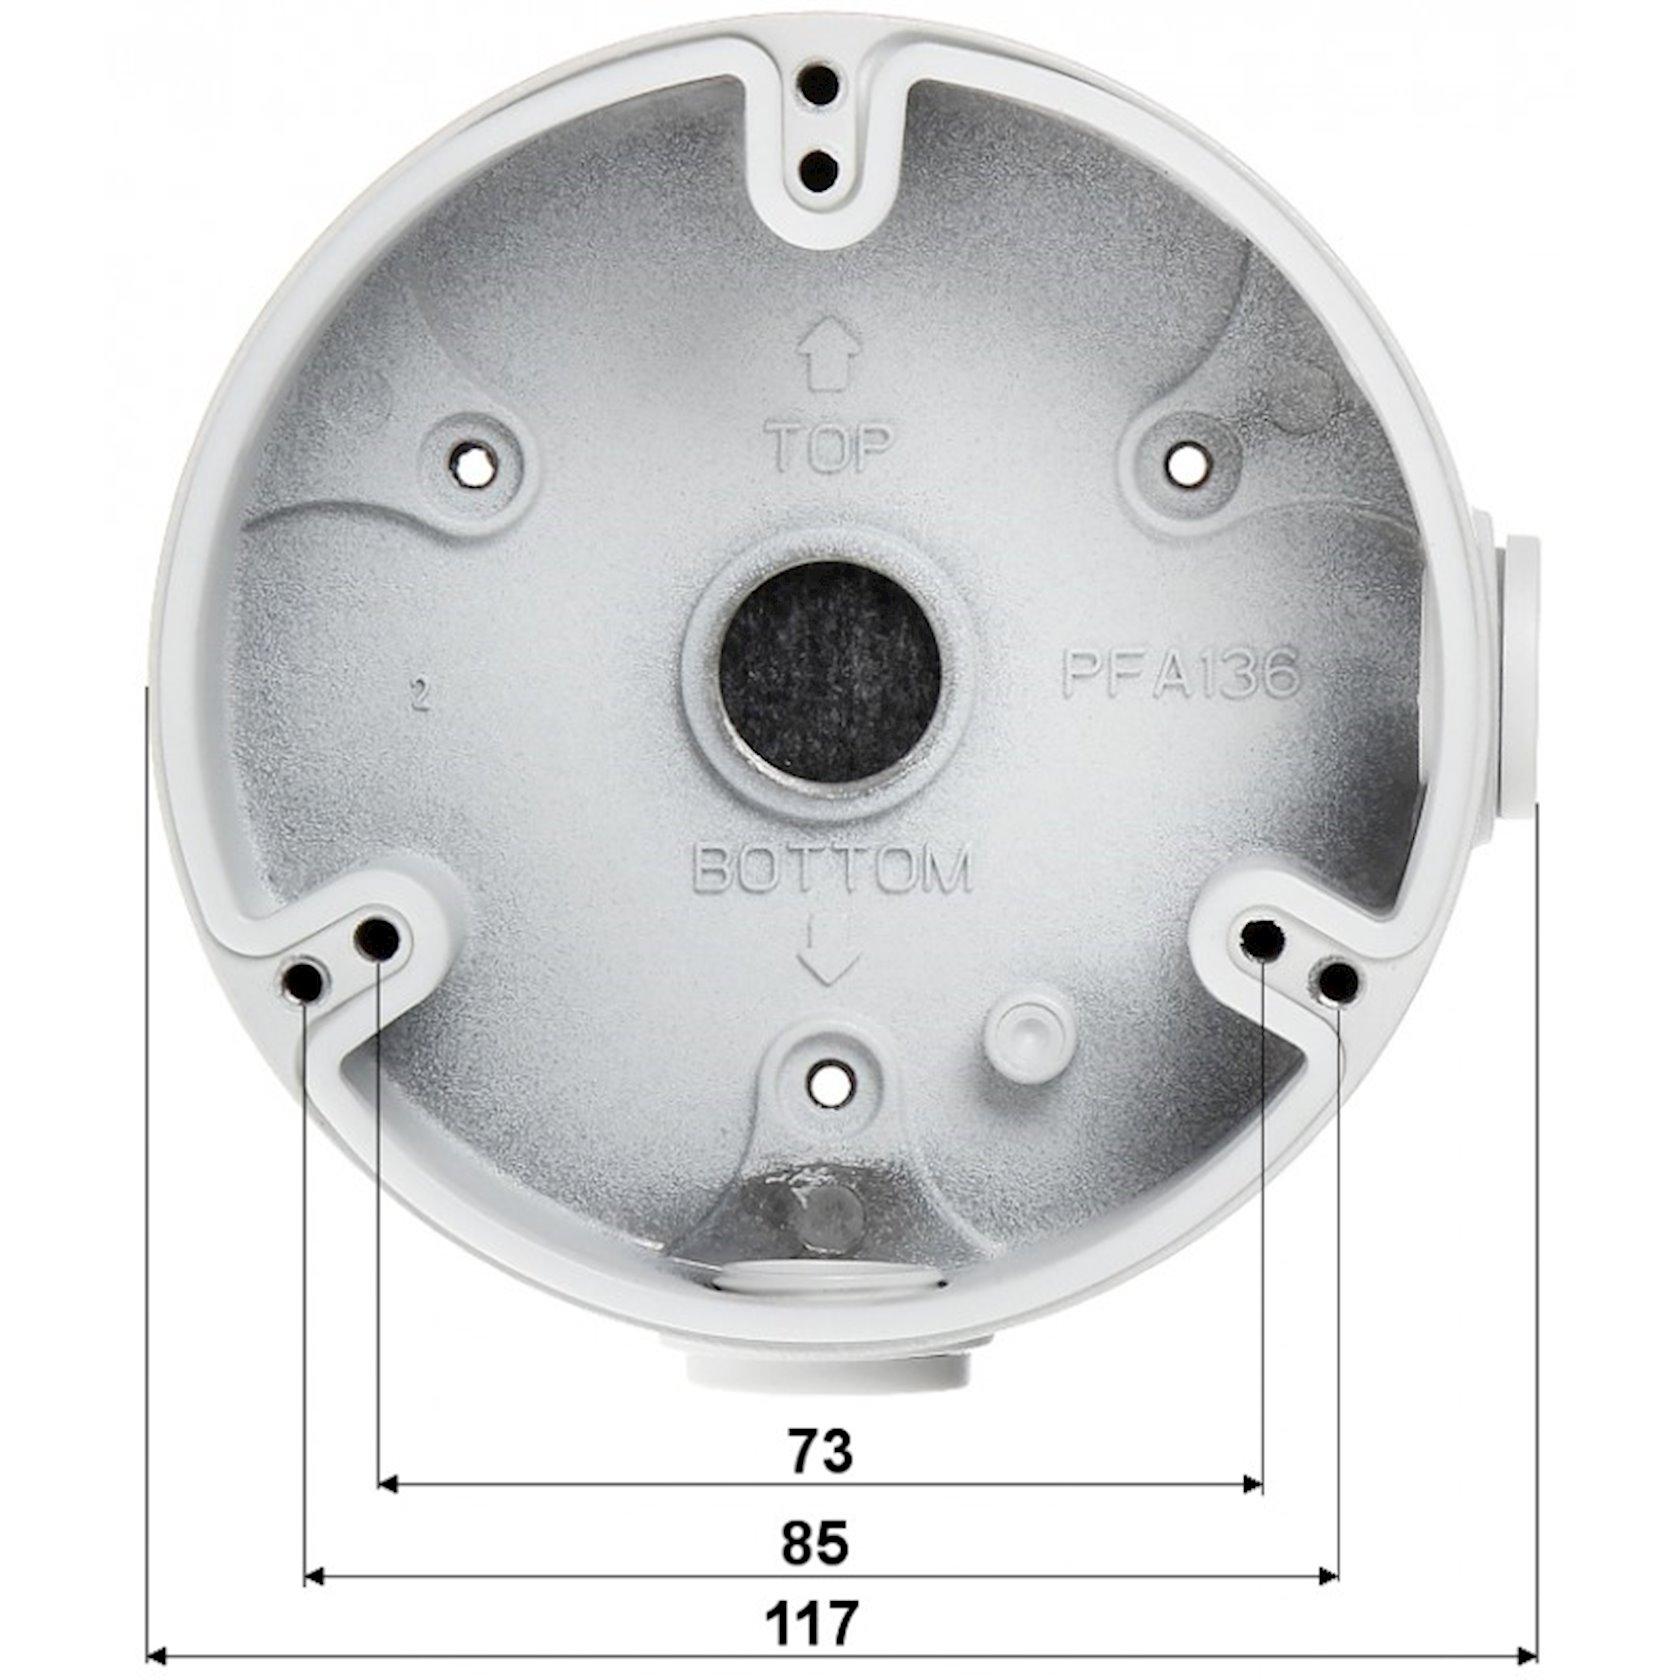 Montaj qutusu Dahua DH-PFA136